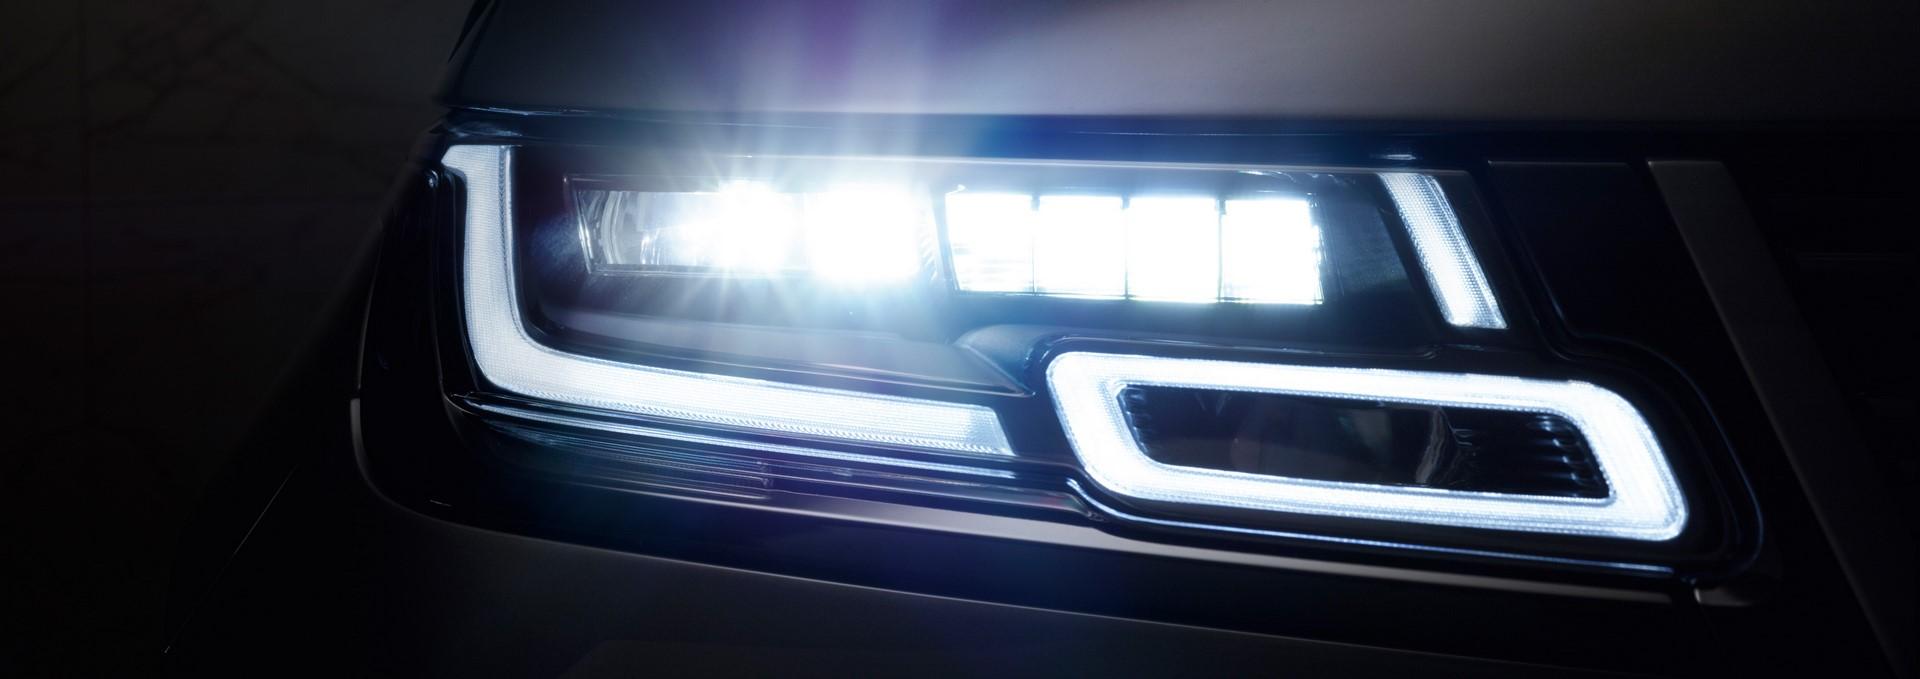 Range Rover Velar 2017 (32)